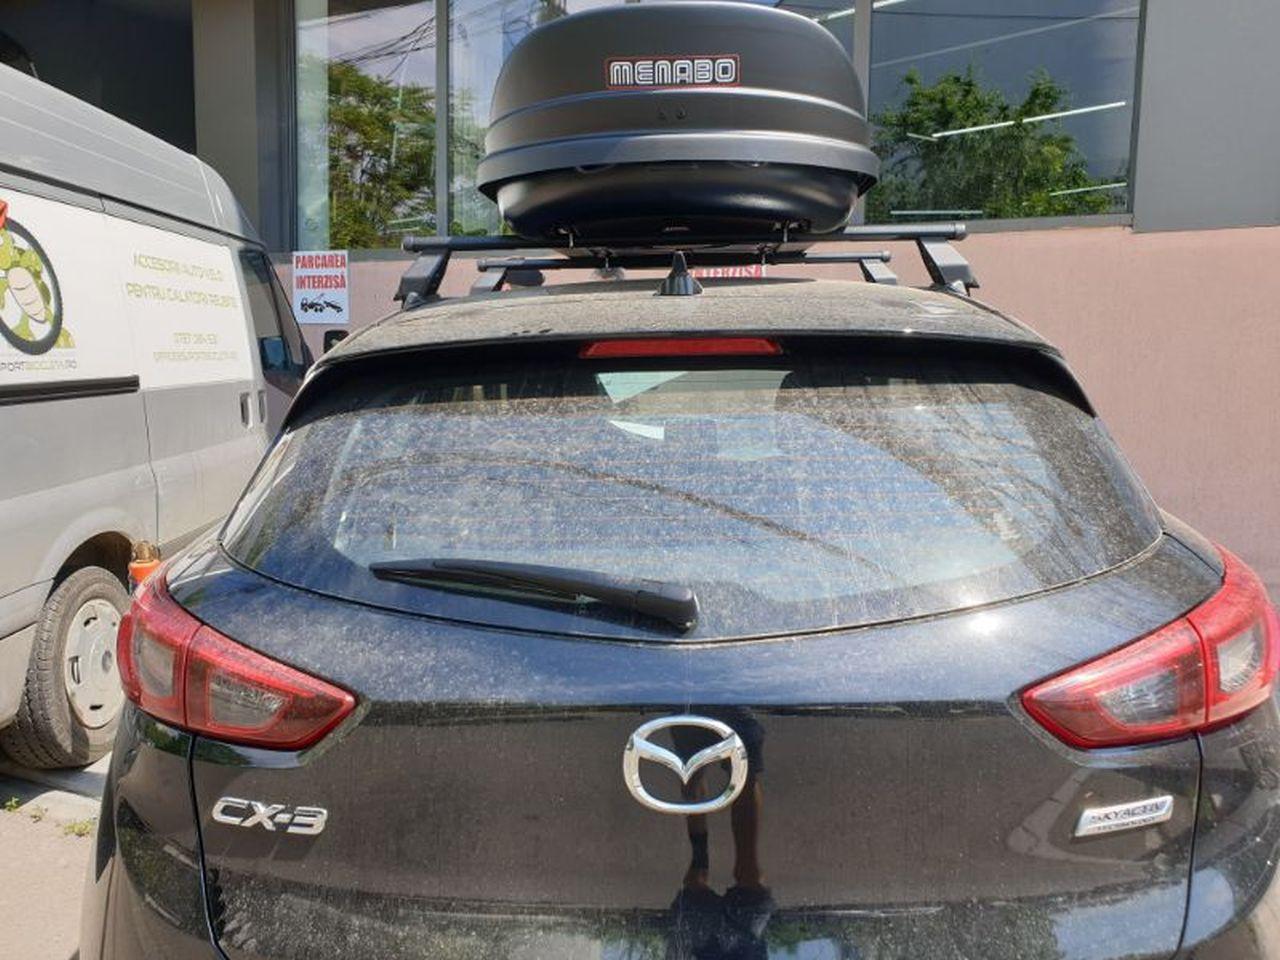 Mazda CX3 bare transversale Menabo Tema si cutie portbagaj Menabo Mania